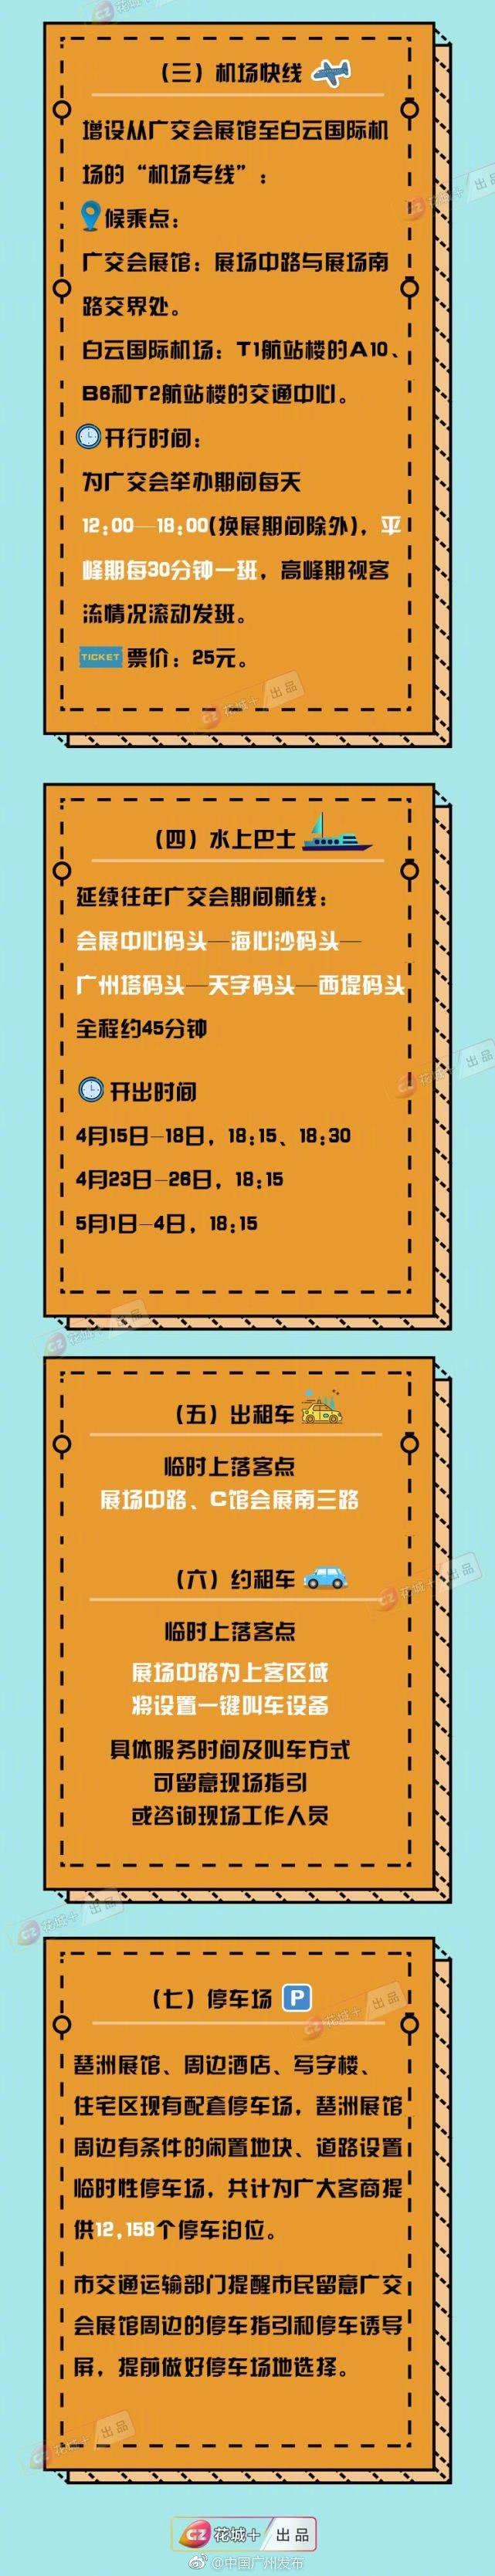 2019第125届广交会出行指南(地铁 出租车 机场快线 水巴)